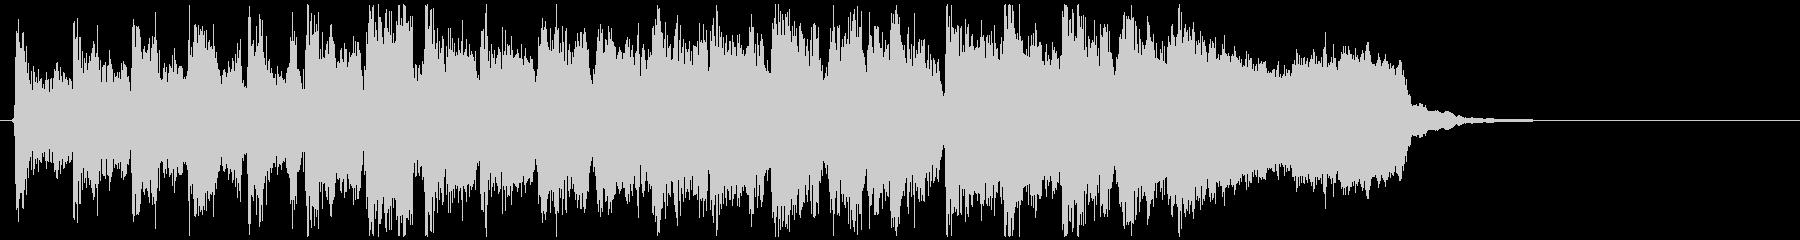 リコーダー&フルートの勝利ファンファーレの未再生の波形